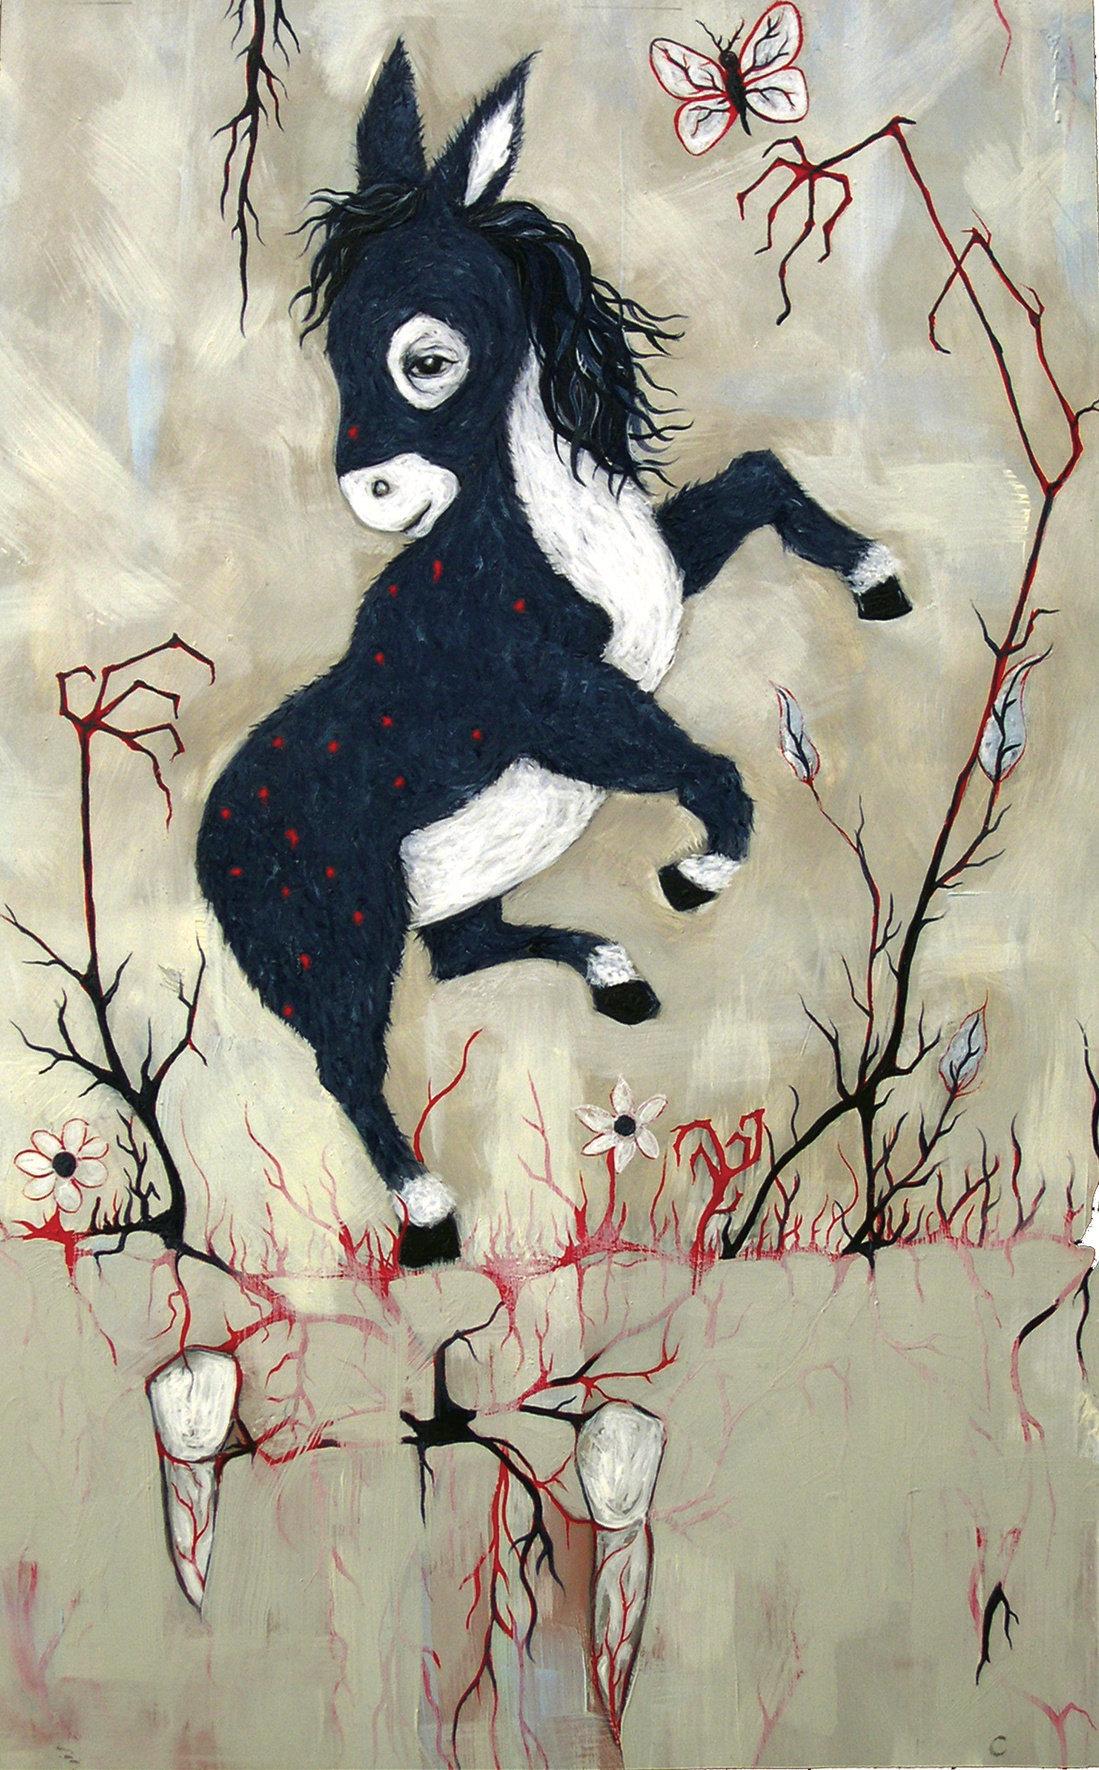 Pin The Donkey (2004)